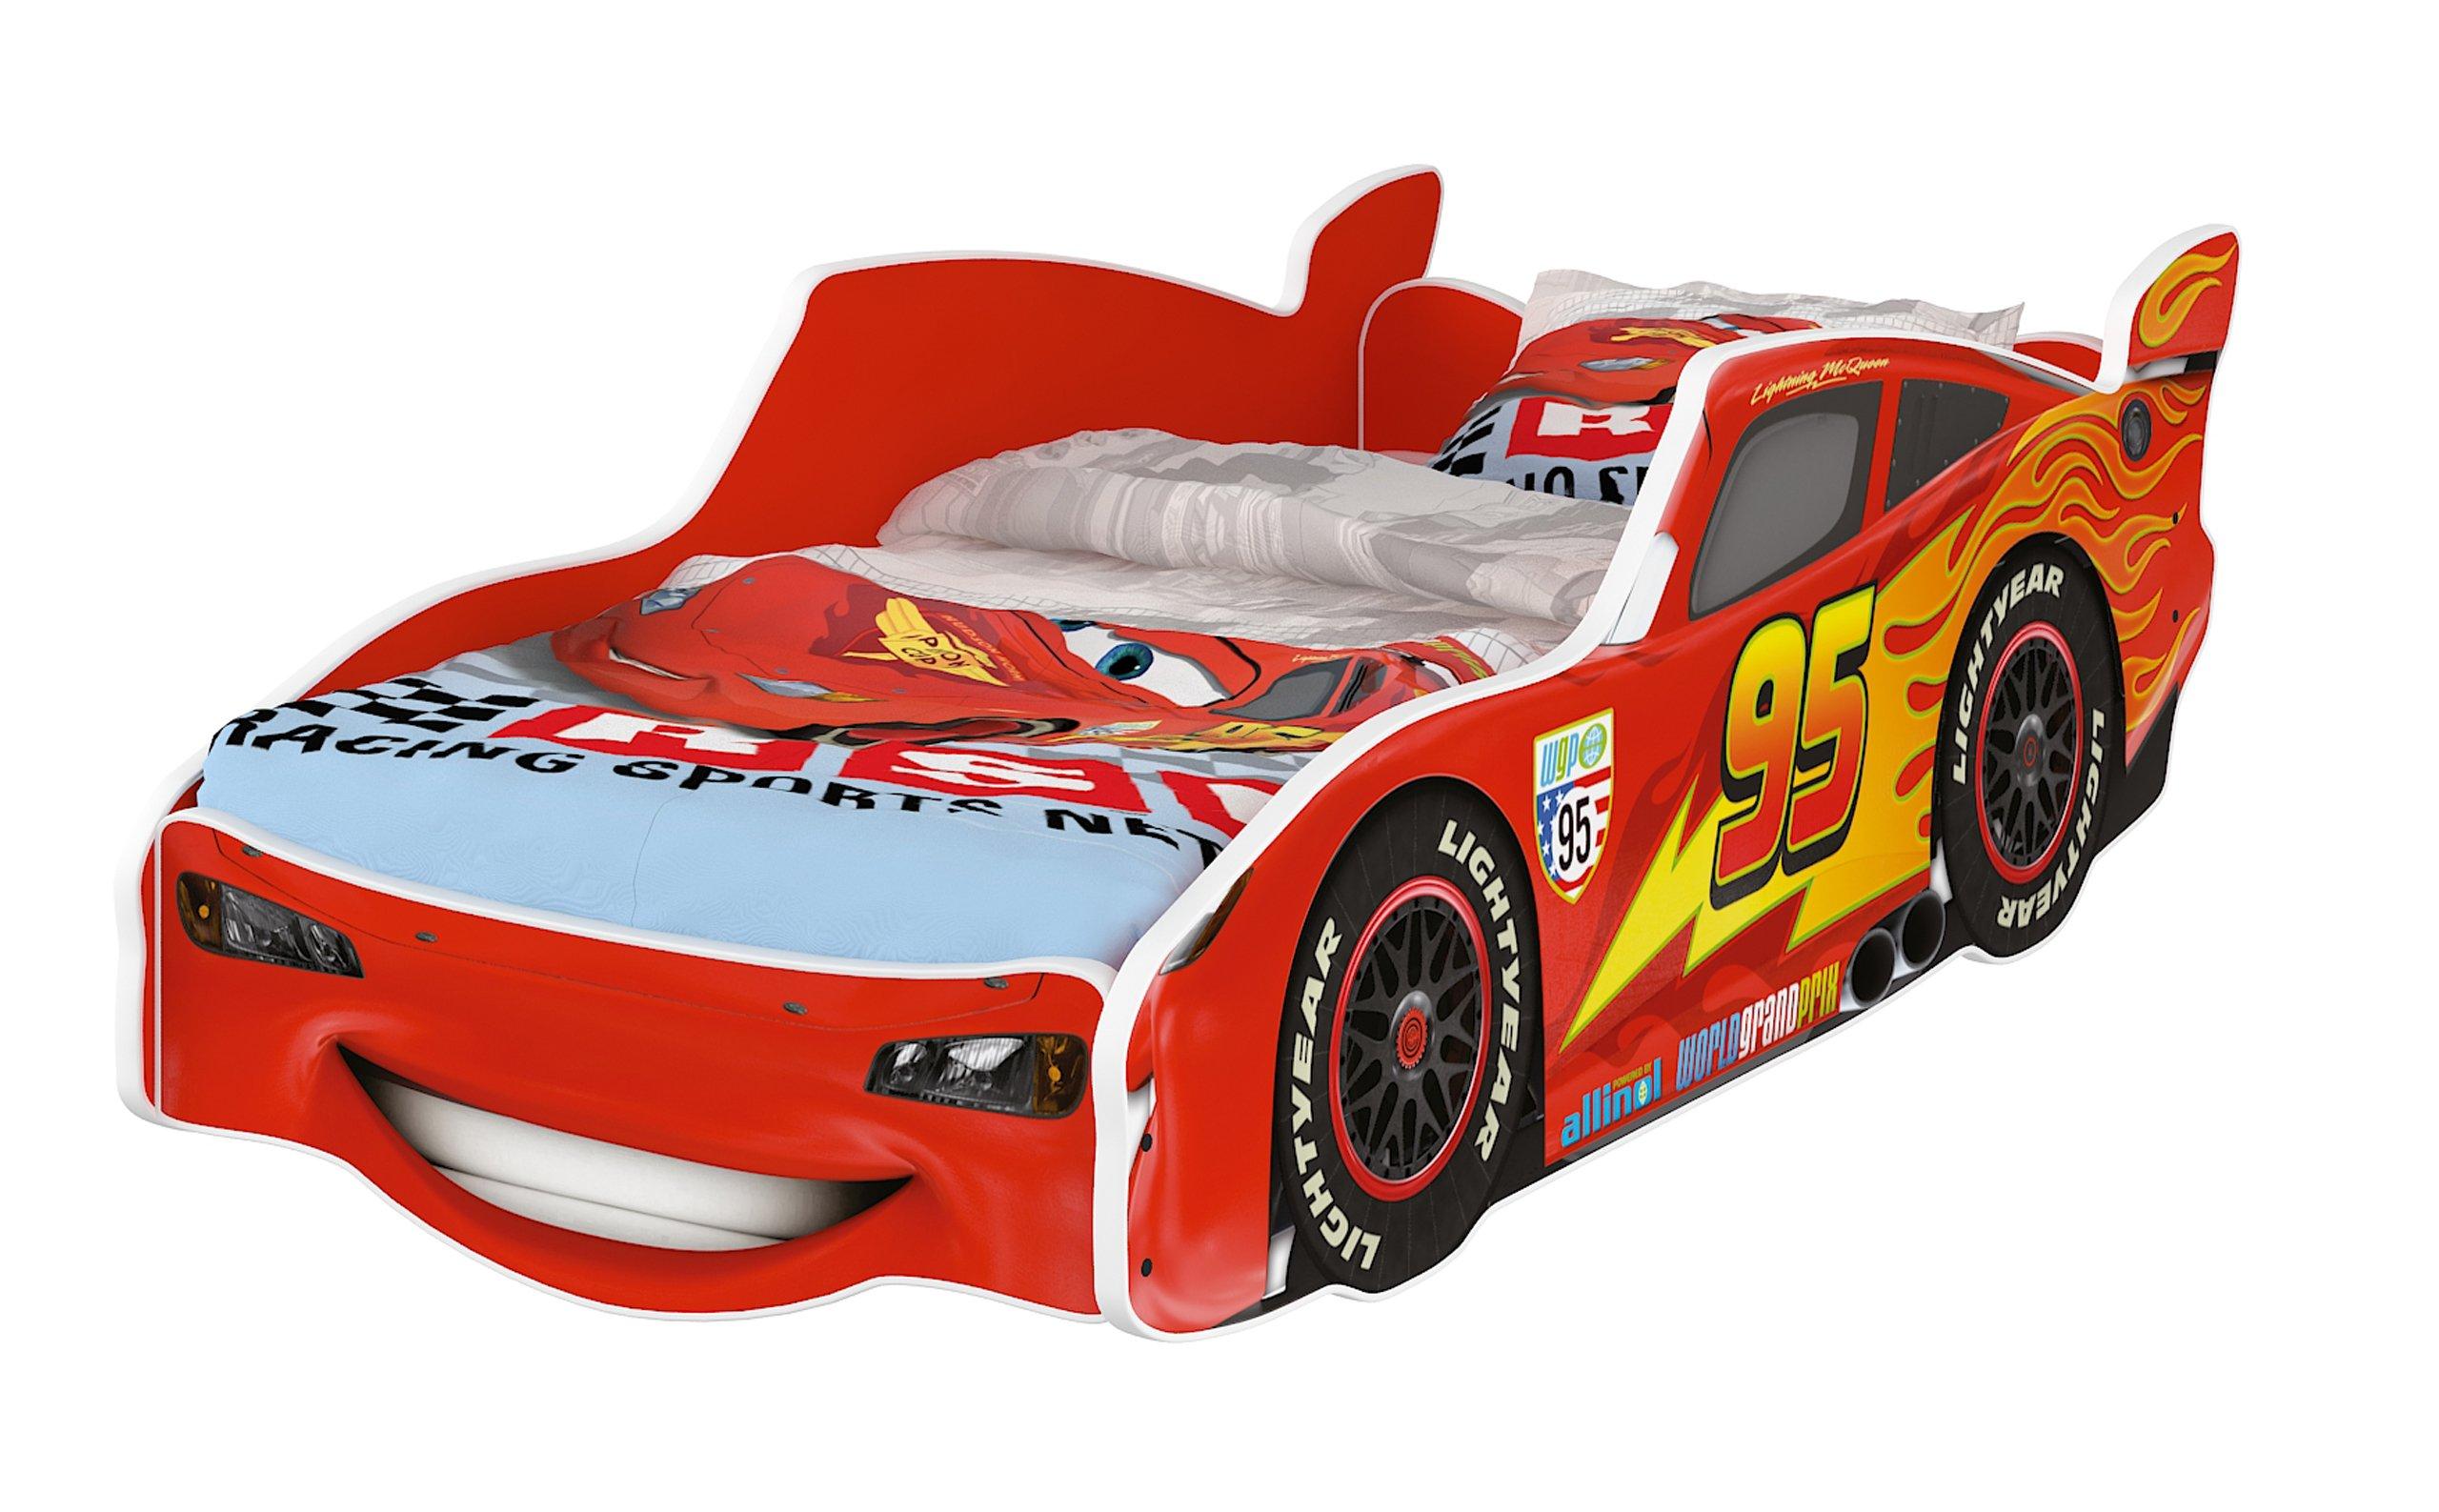 АВТО кровать детское автомобиль 160x80 Дисней мат .